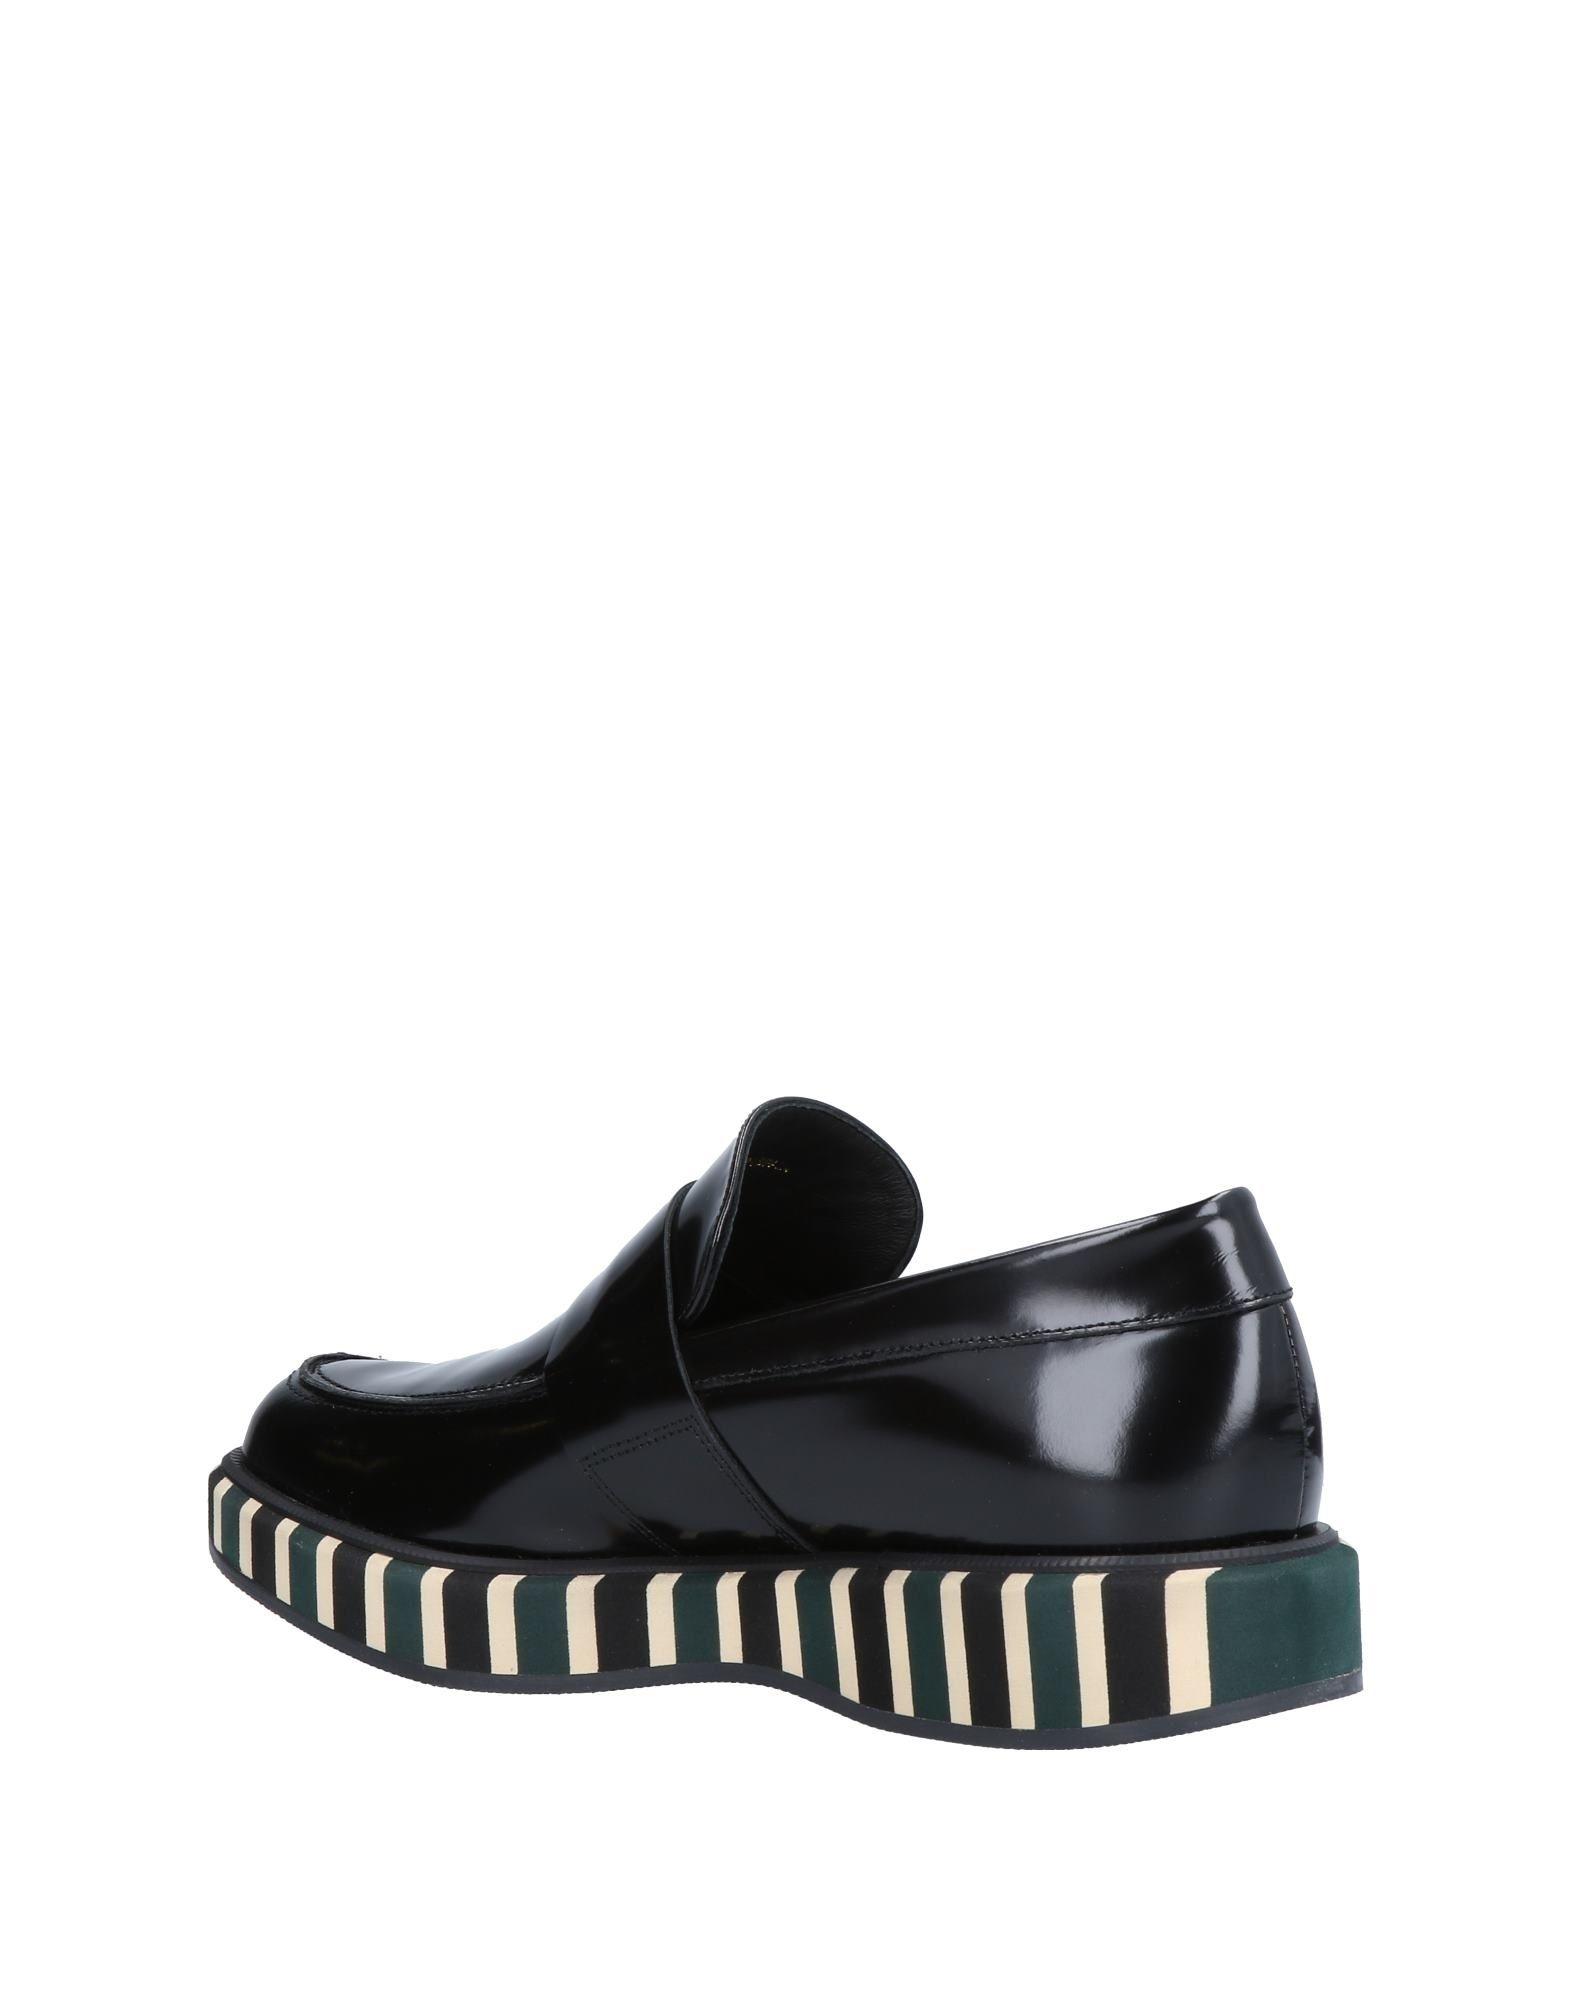 Paloma Barceló Gute Mokassins Damen  11509354QS Gute Barceló Qualität beliebte Schuhe 616be1